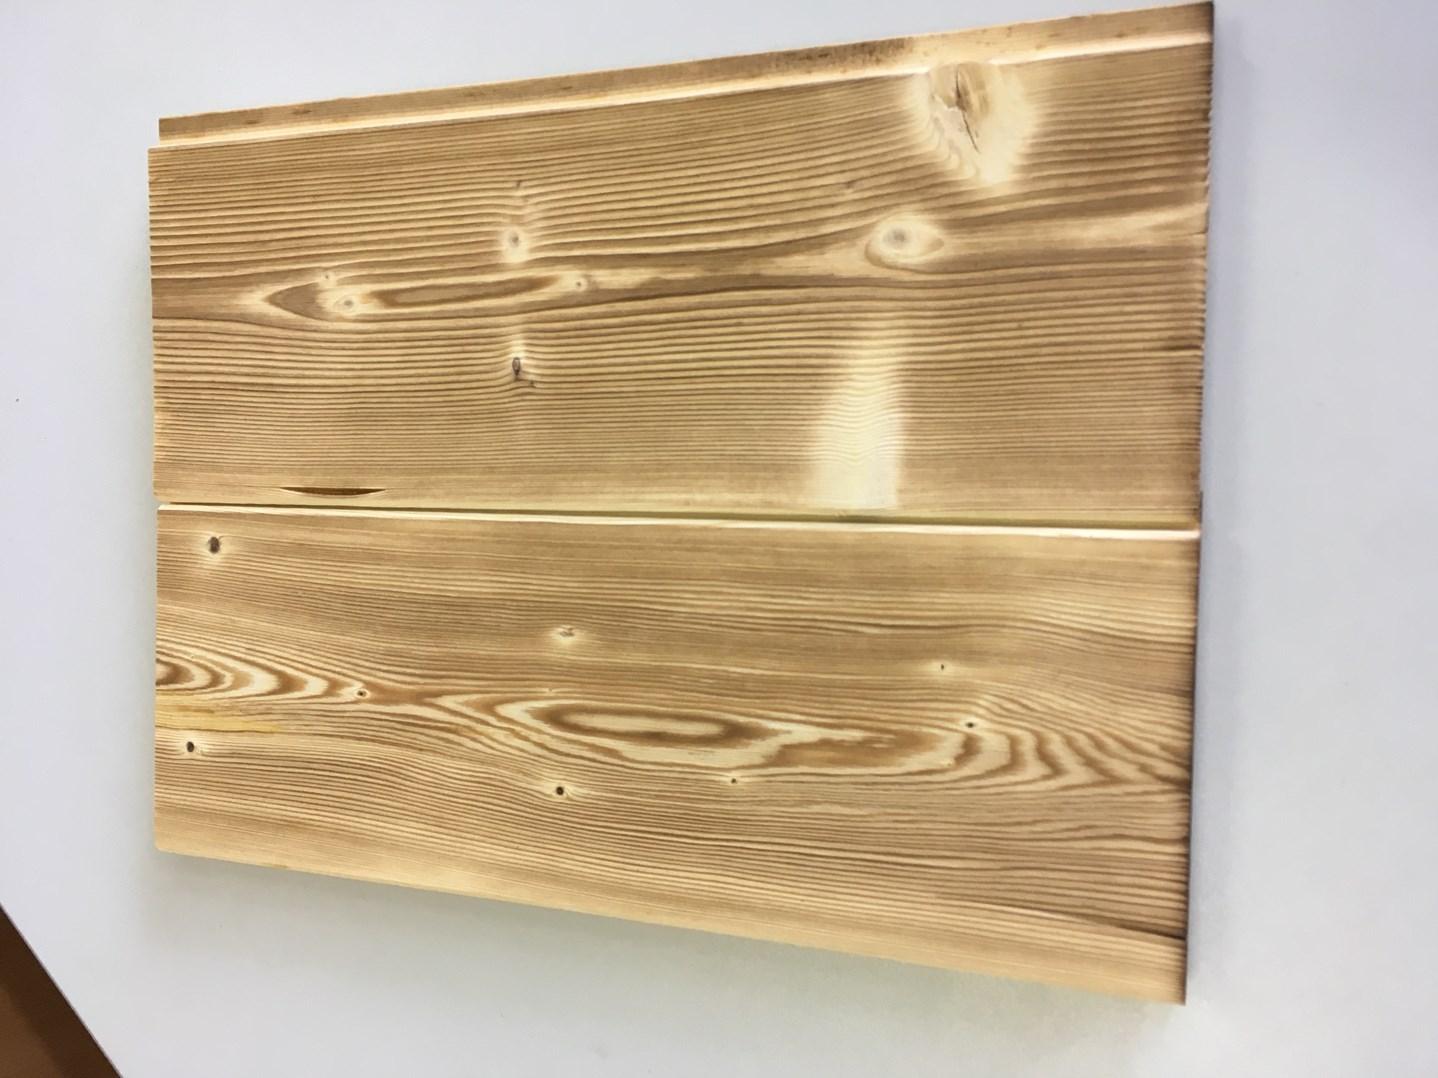 Opalování dřeva I. stupeň /41,87 Kč/m2/ bez DPH